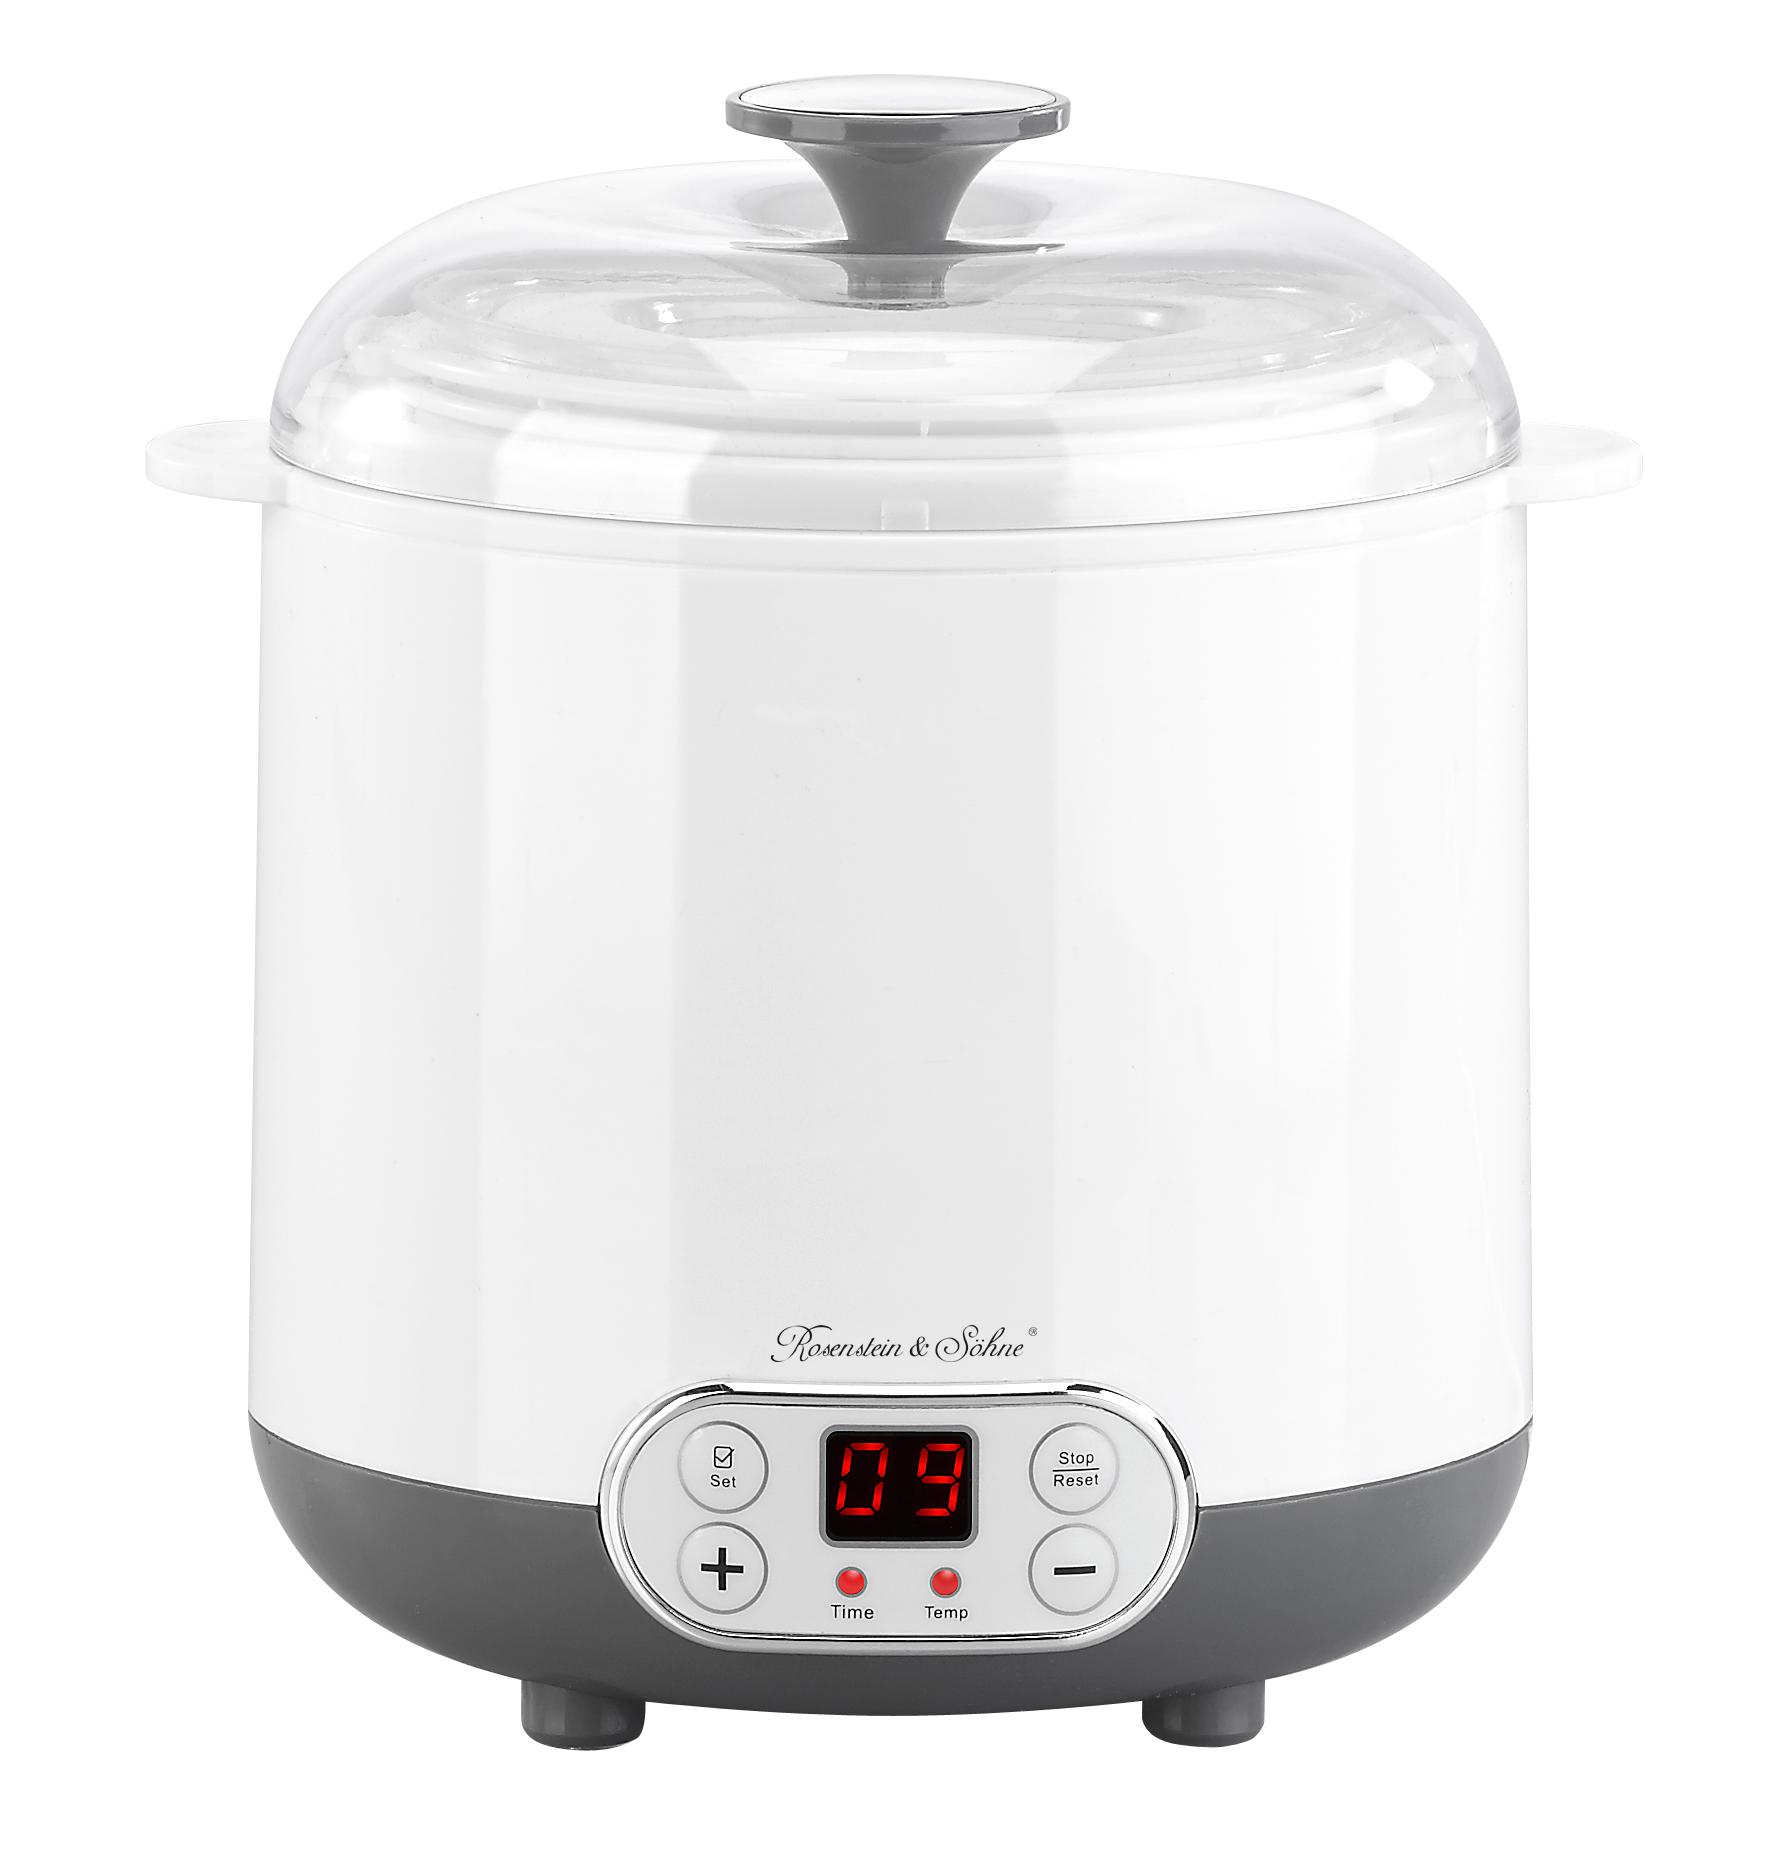 <h1>Rosenstein & Söhne Joghurt-Maker JM-200</h1><h3 style='font-size: 20px; margin: 0px 0px 15px 0px;'>Joghurt ohne Zusatzstoffe, Zubereitung von Reiswein</h3>